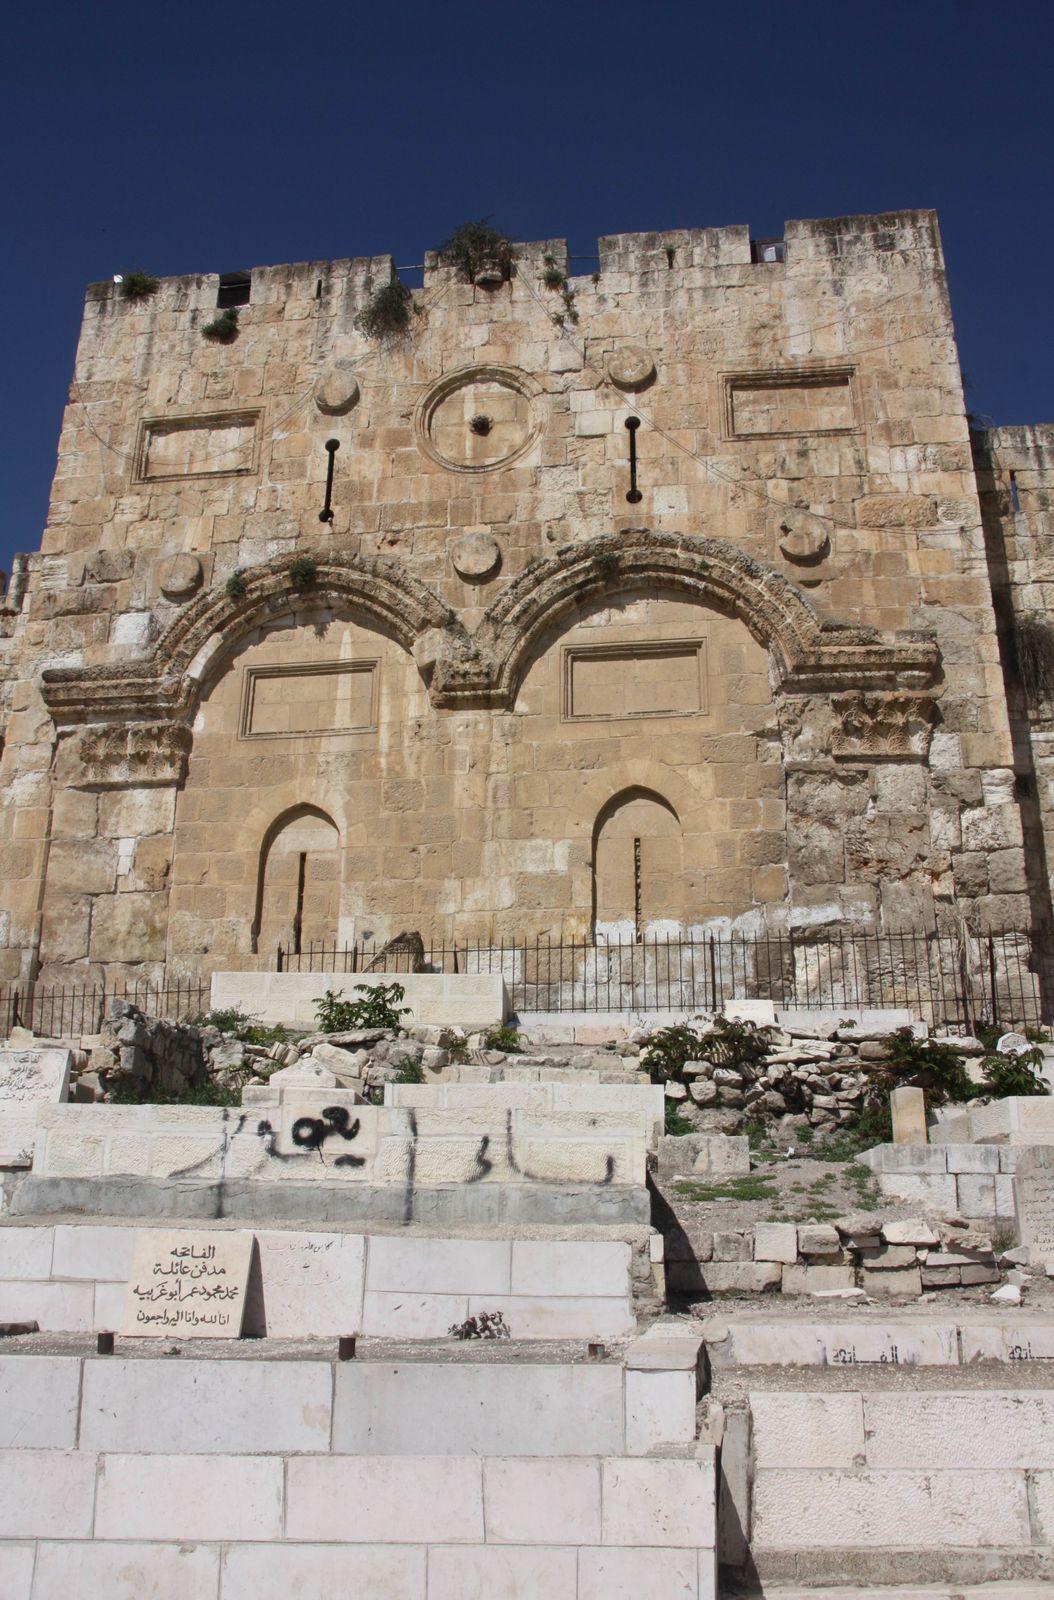 Les remparts de Jérusalem et leurs portes